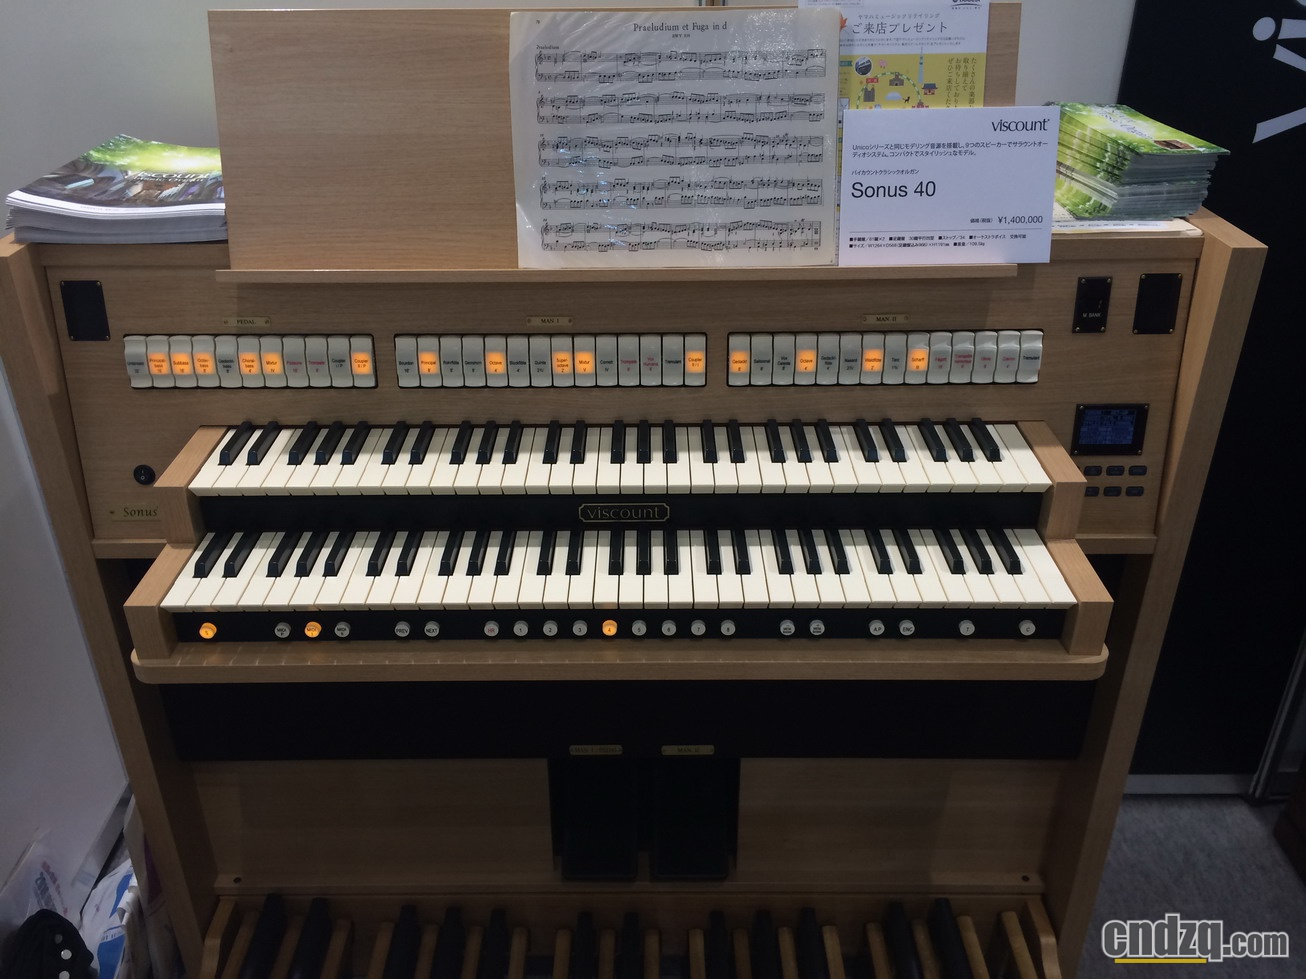 双排键/电子管风琴产品报道:elc-02实物展出